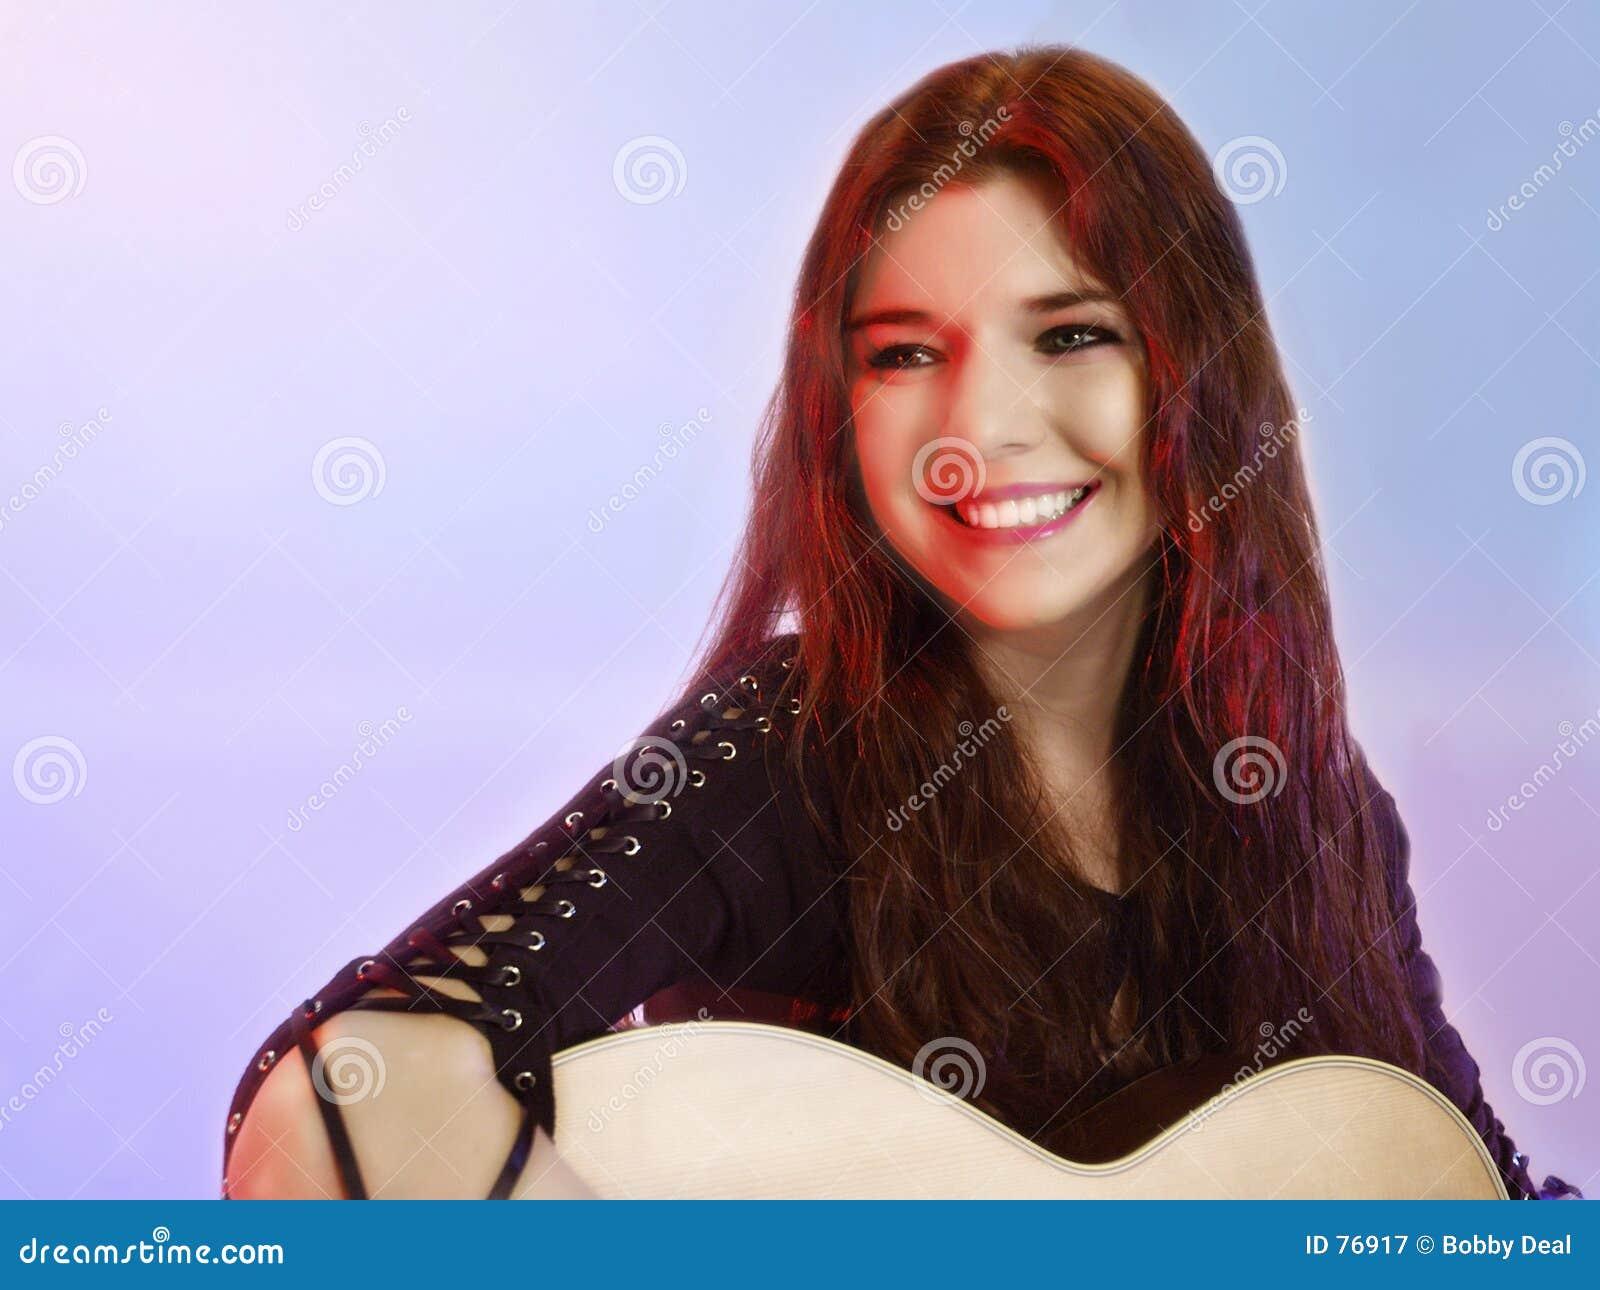 Singer Songwriter 2